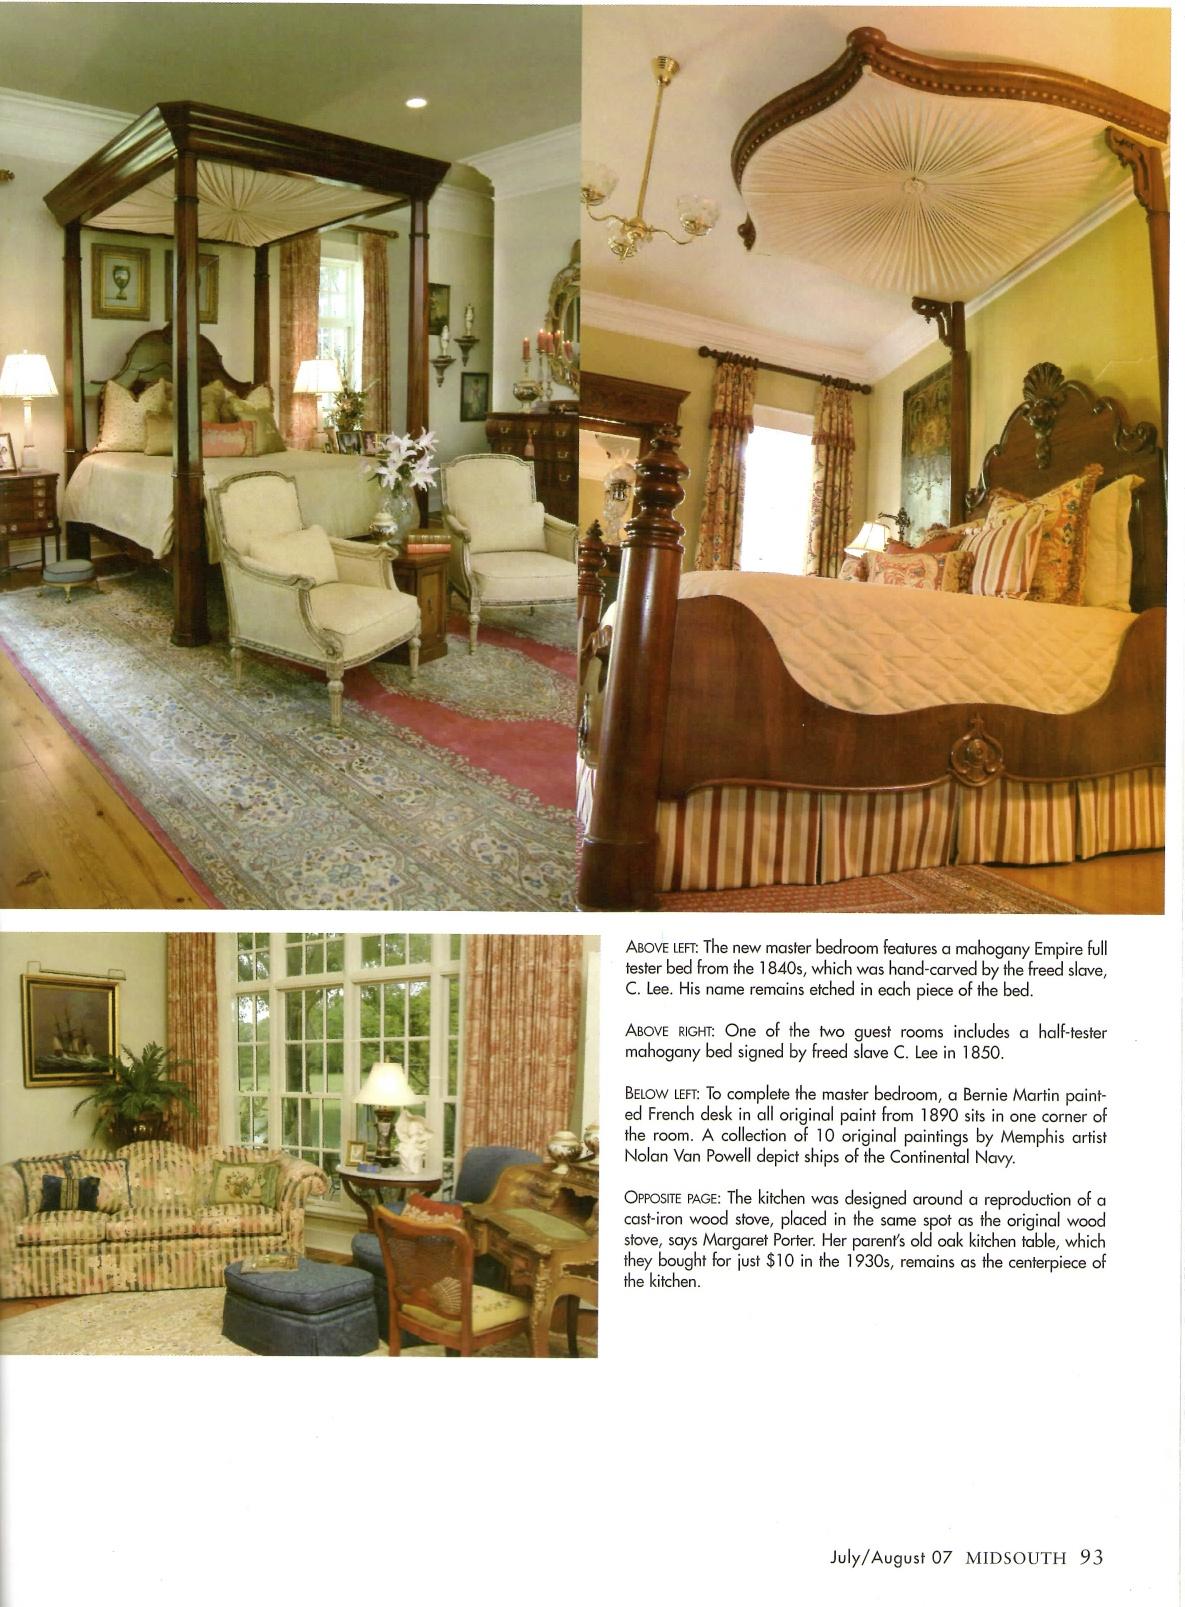 Endville-pages 8.jpg